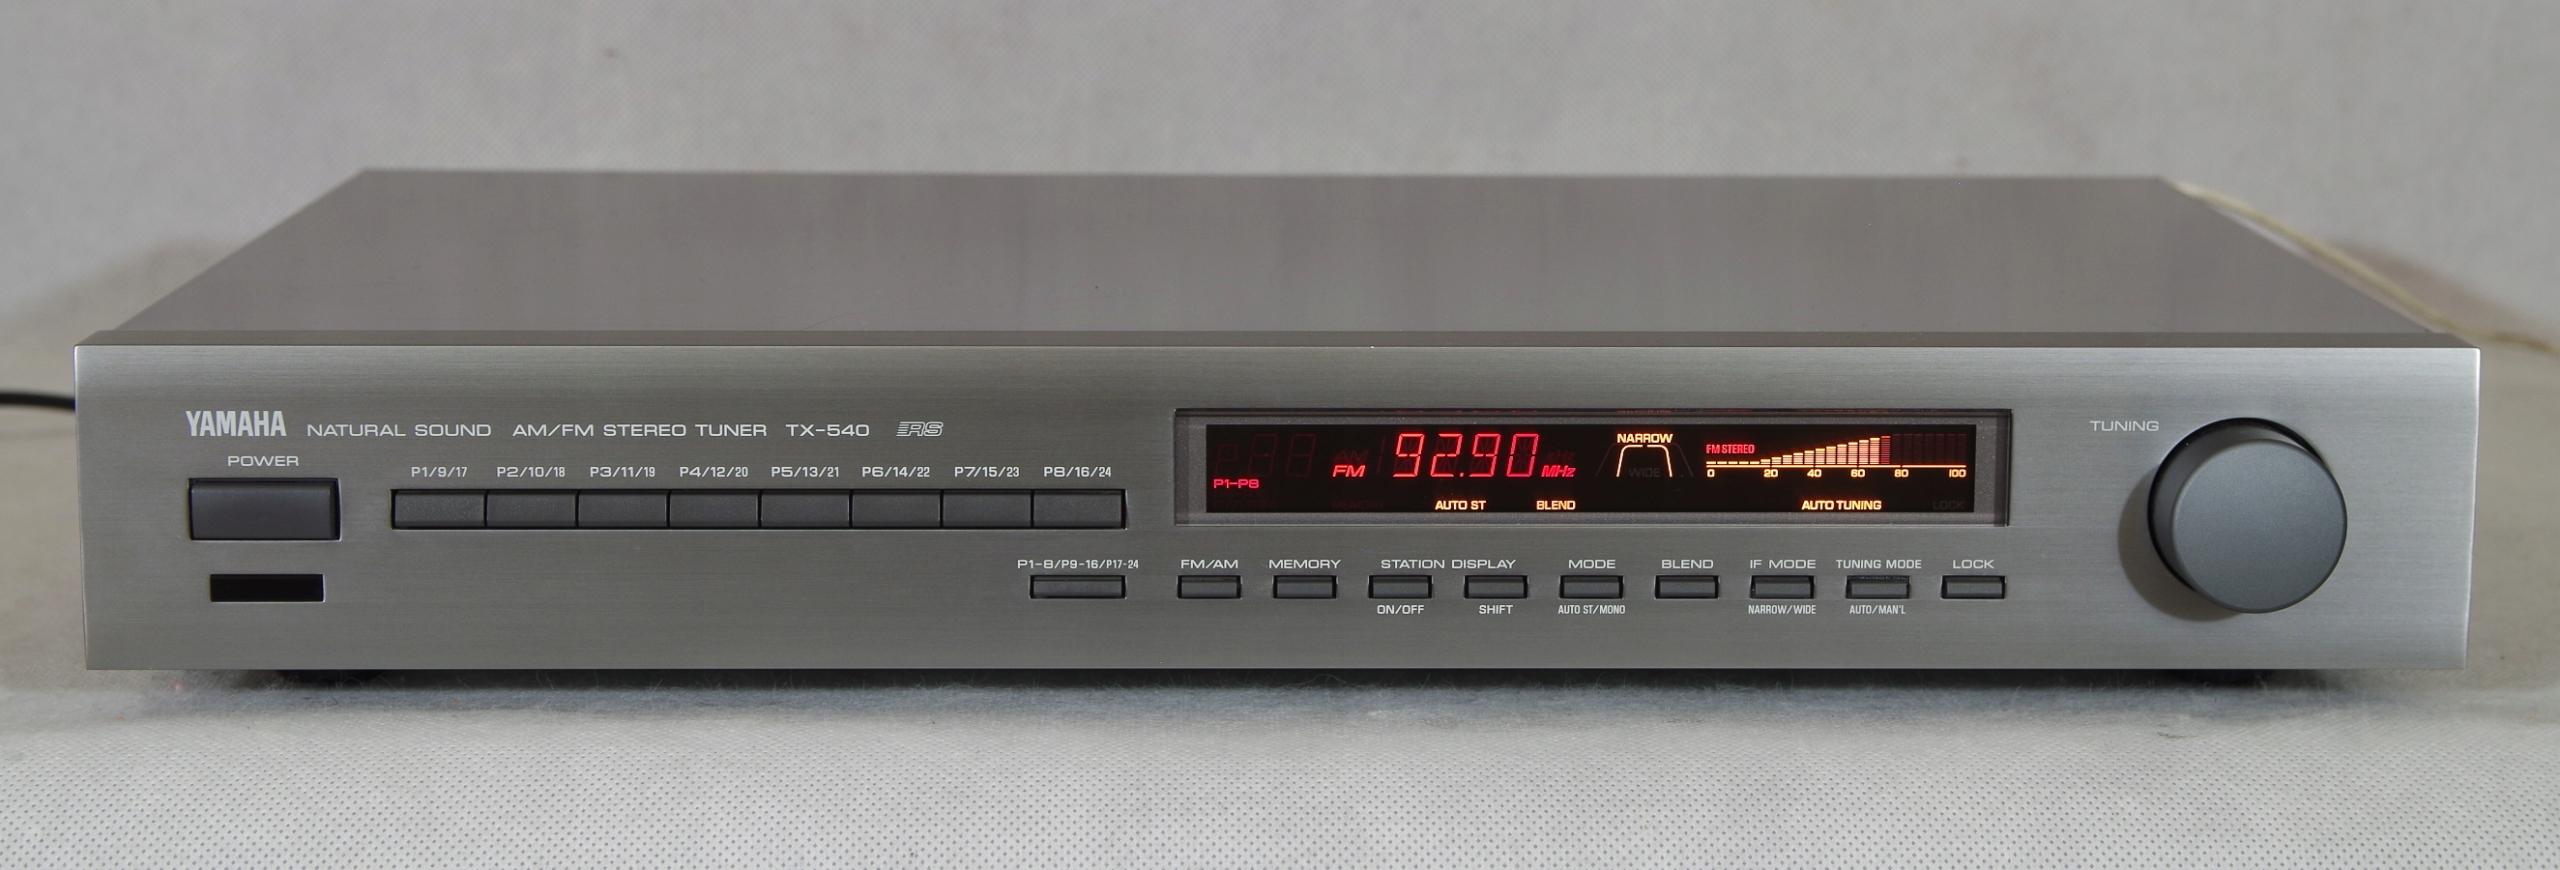 Yamaha TX-540, sprawny, czuły tuner cyfrowy.